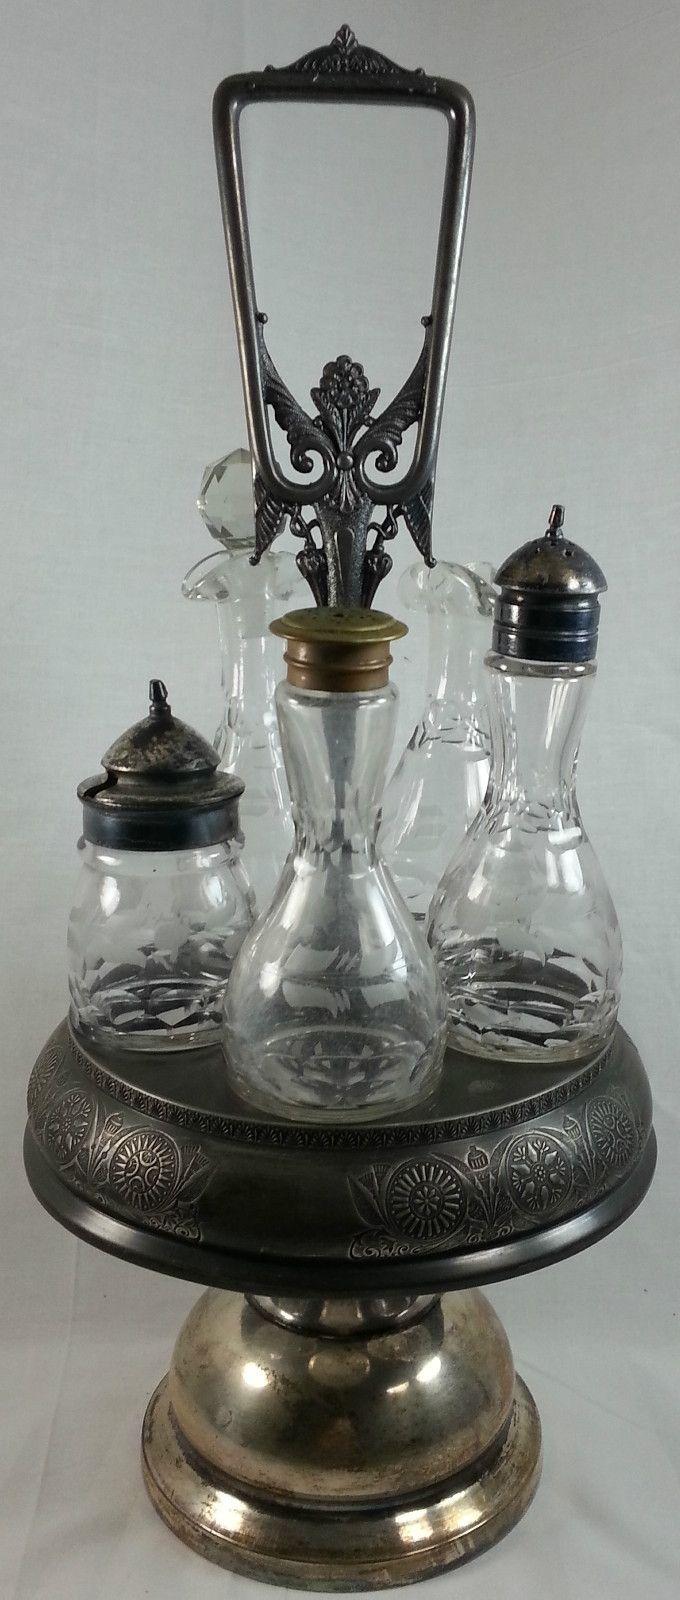 Antique castor cruet set 5 etched glass bottles rogers co for Antique decoration items